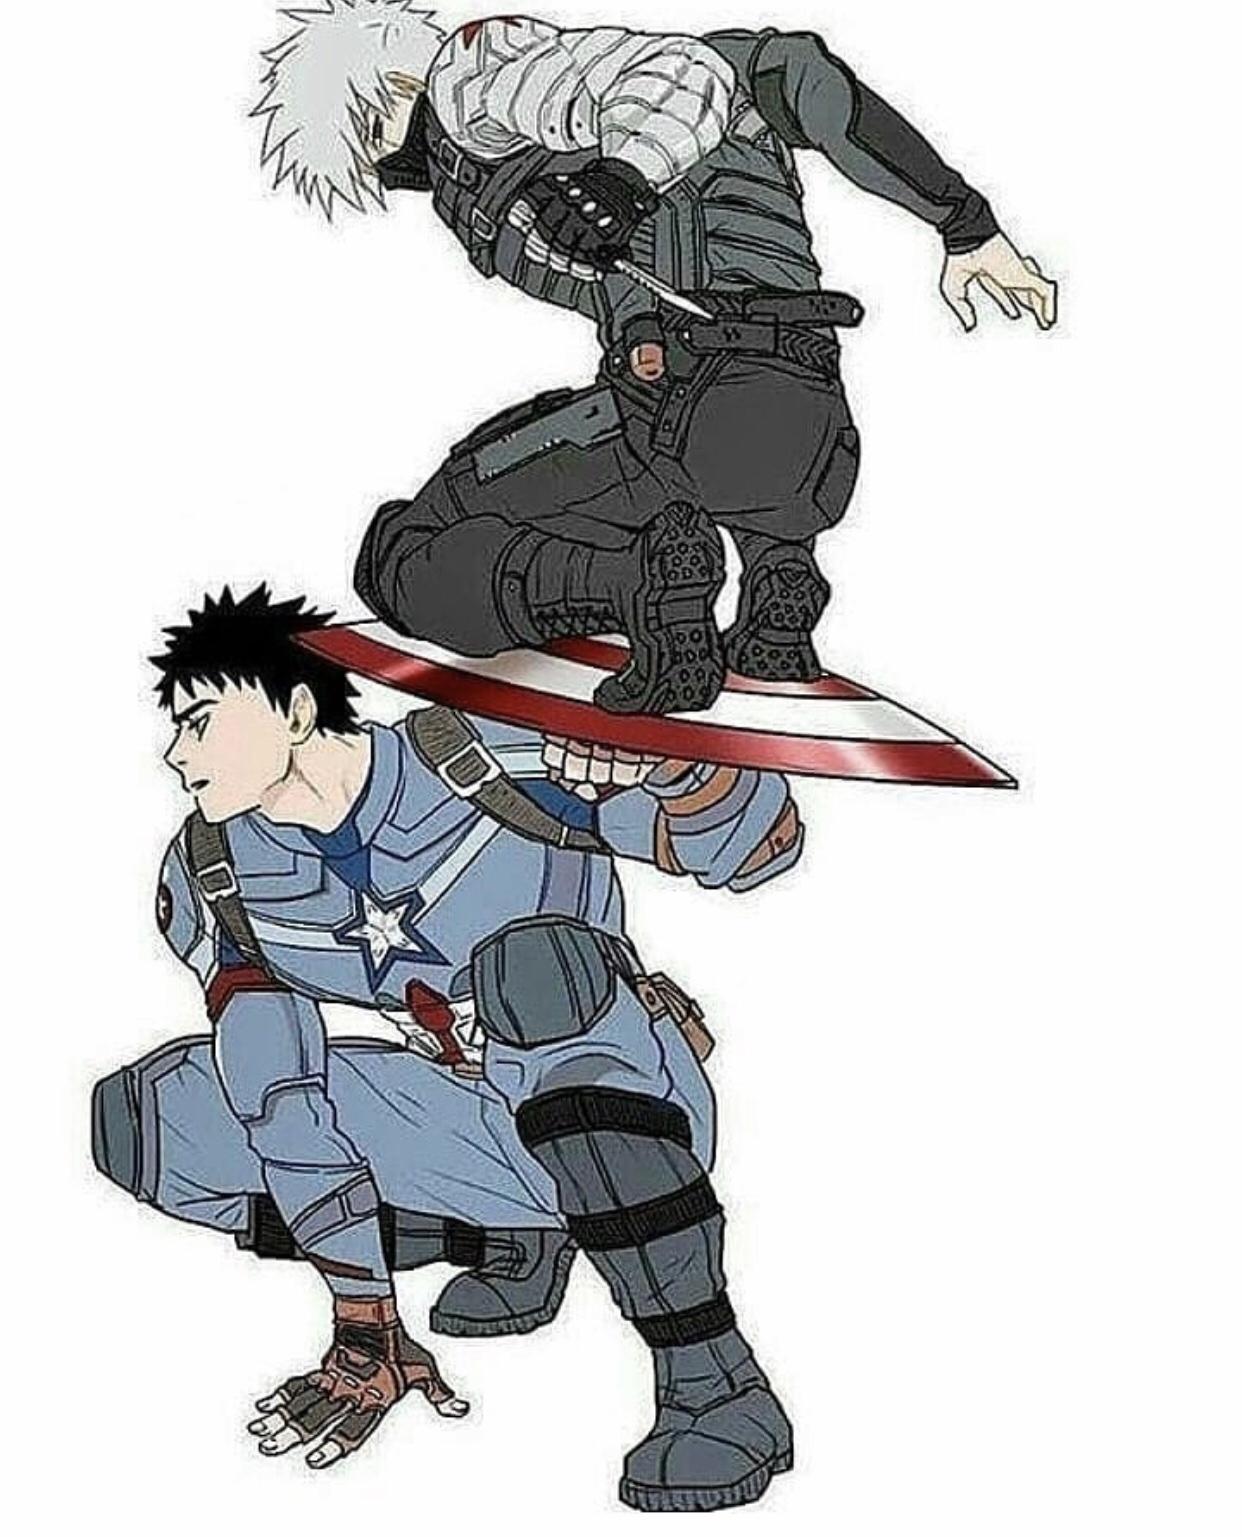 Captain Obito and Baky Kashi😂